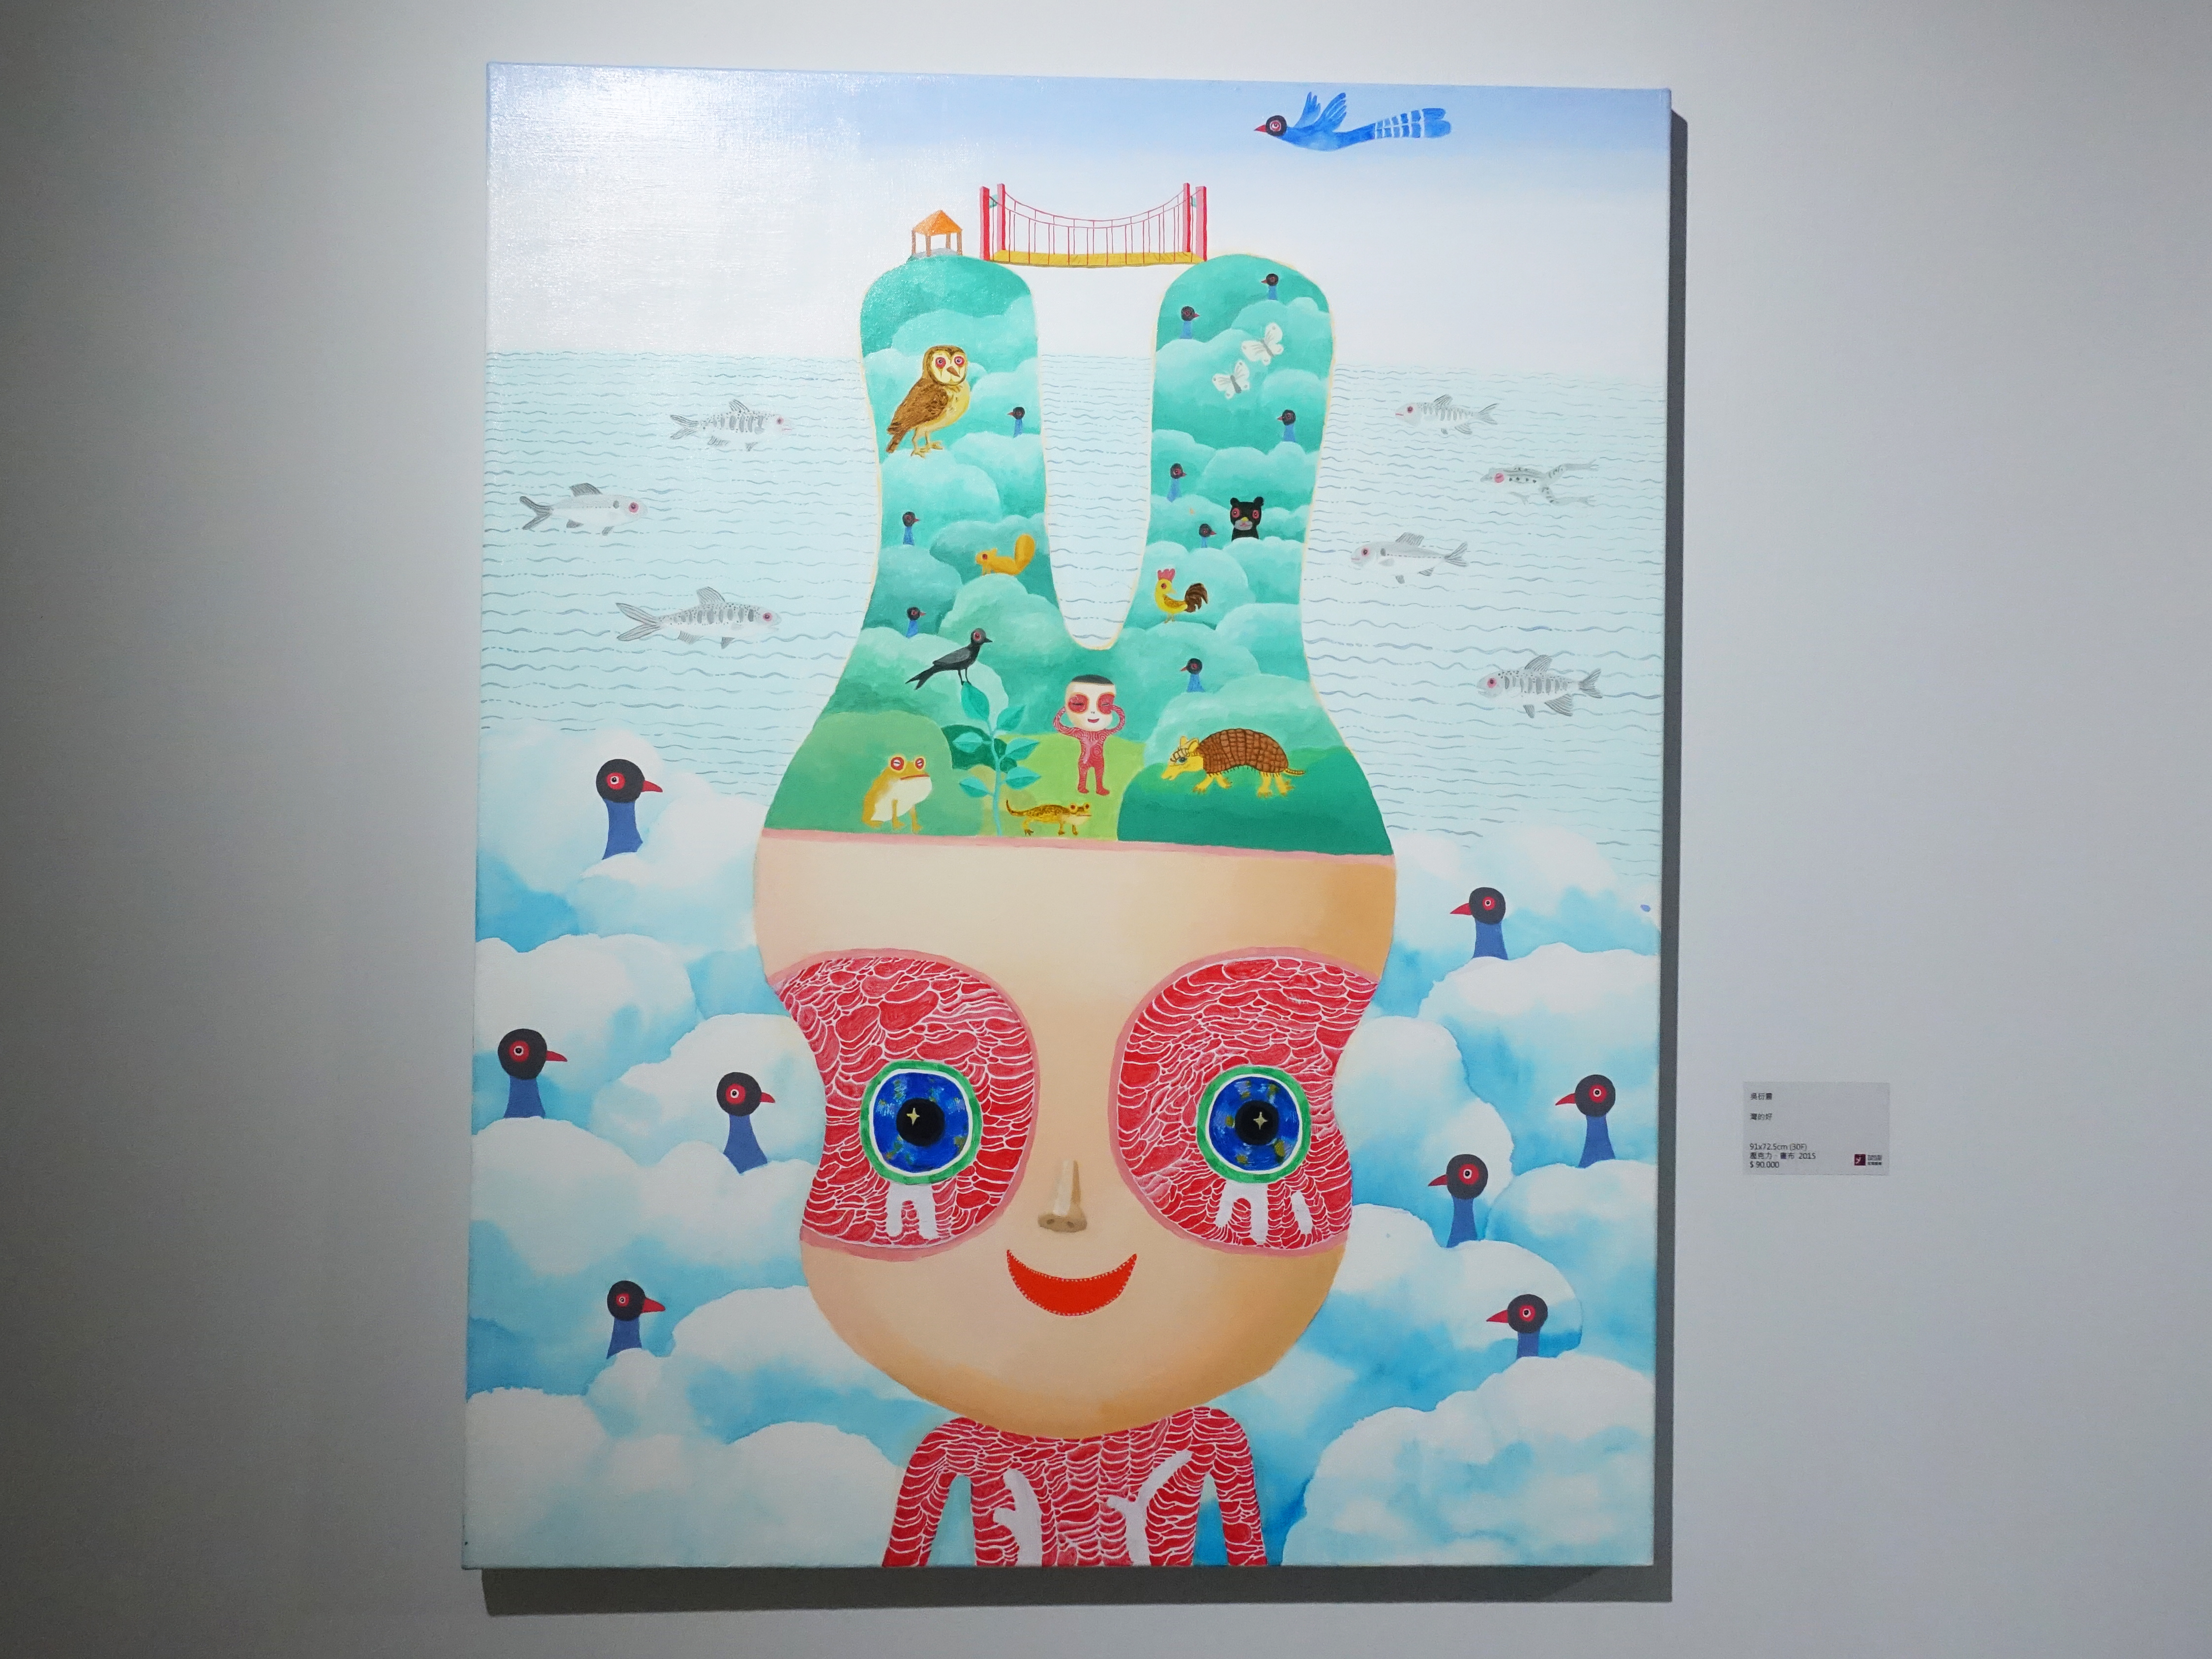 吳衍震,《灣的好》,91 x 72.5 cm,壓克力、畫布,2015。